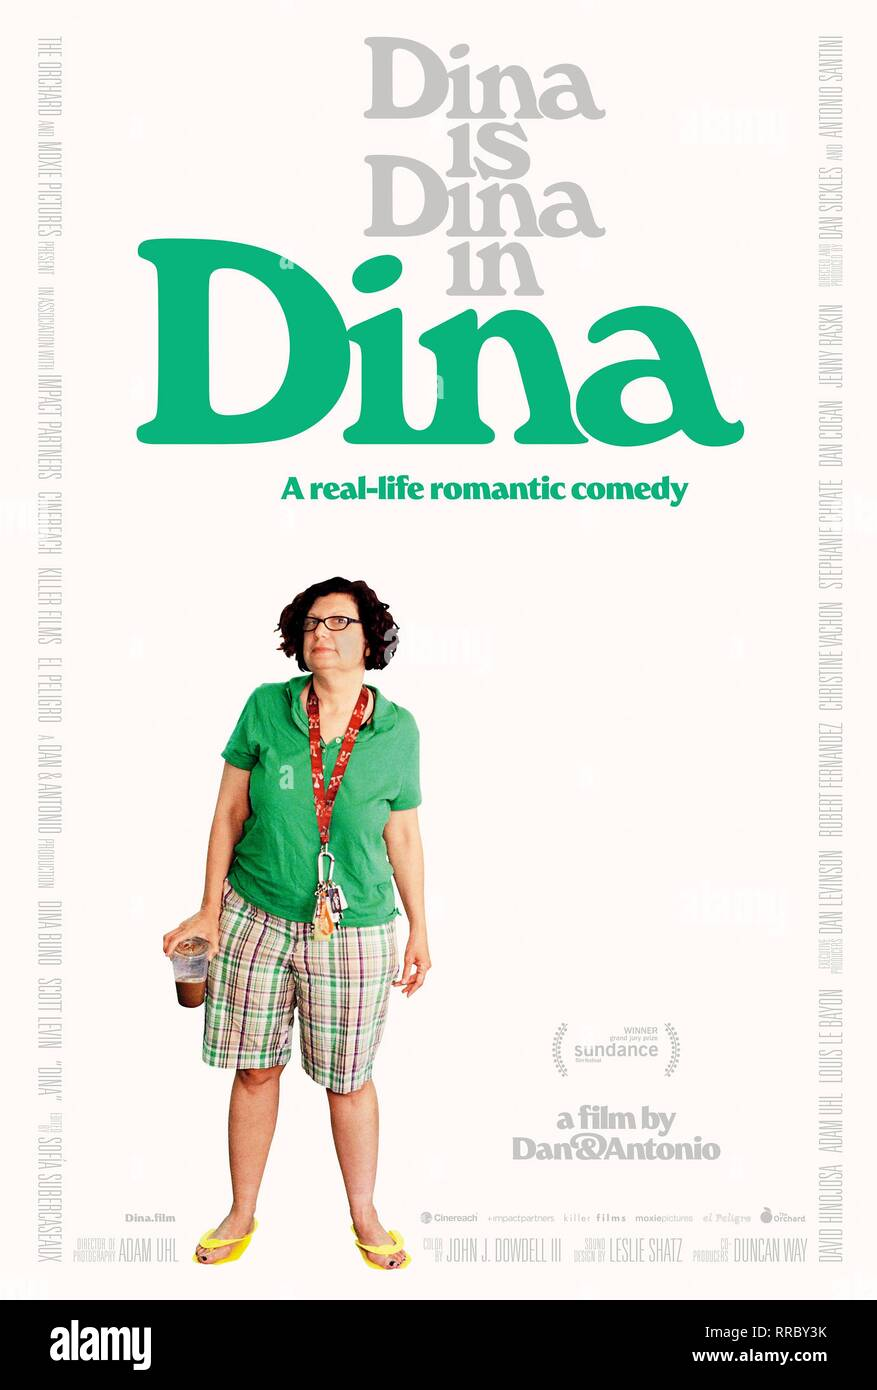 DINA, DINA BUNO POSTER, 2017 - Stock Image